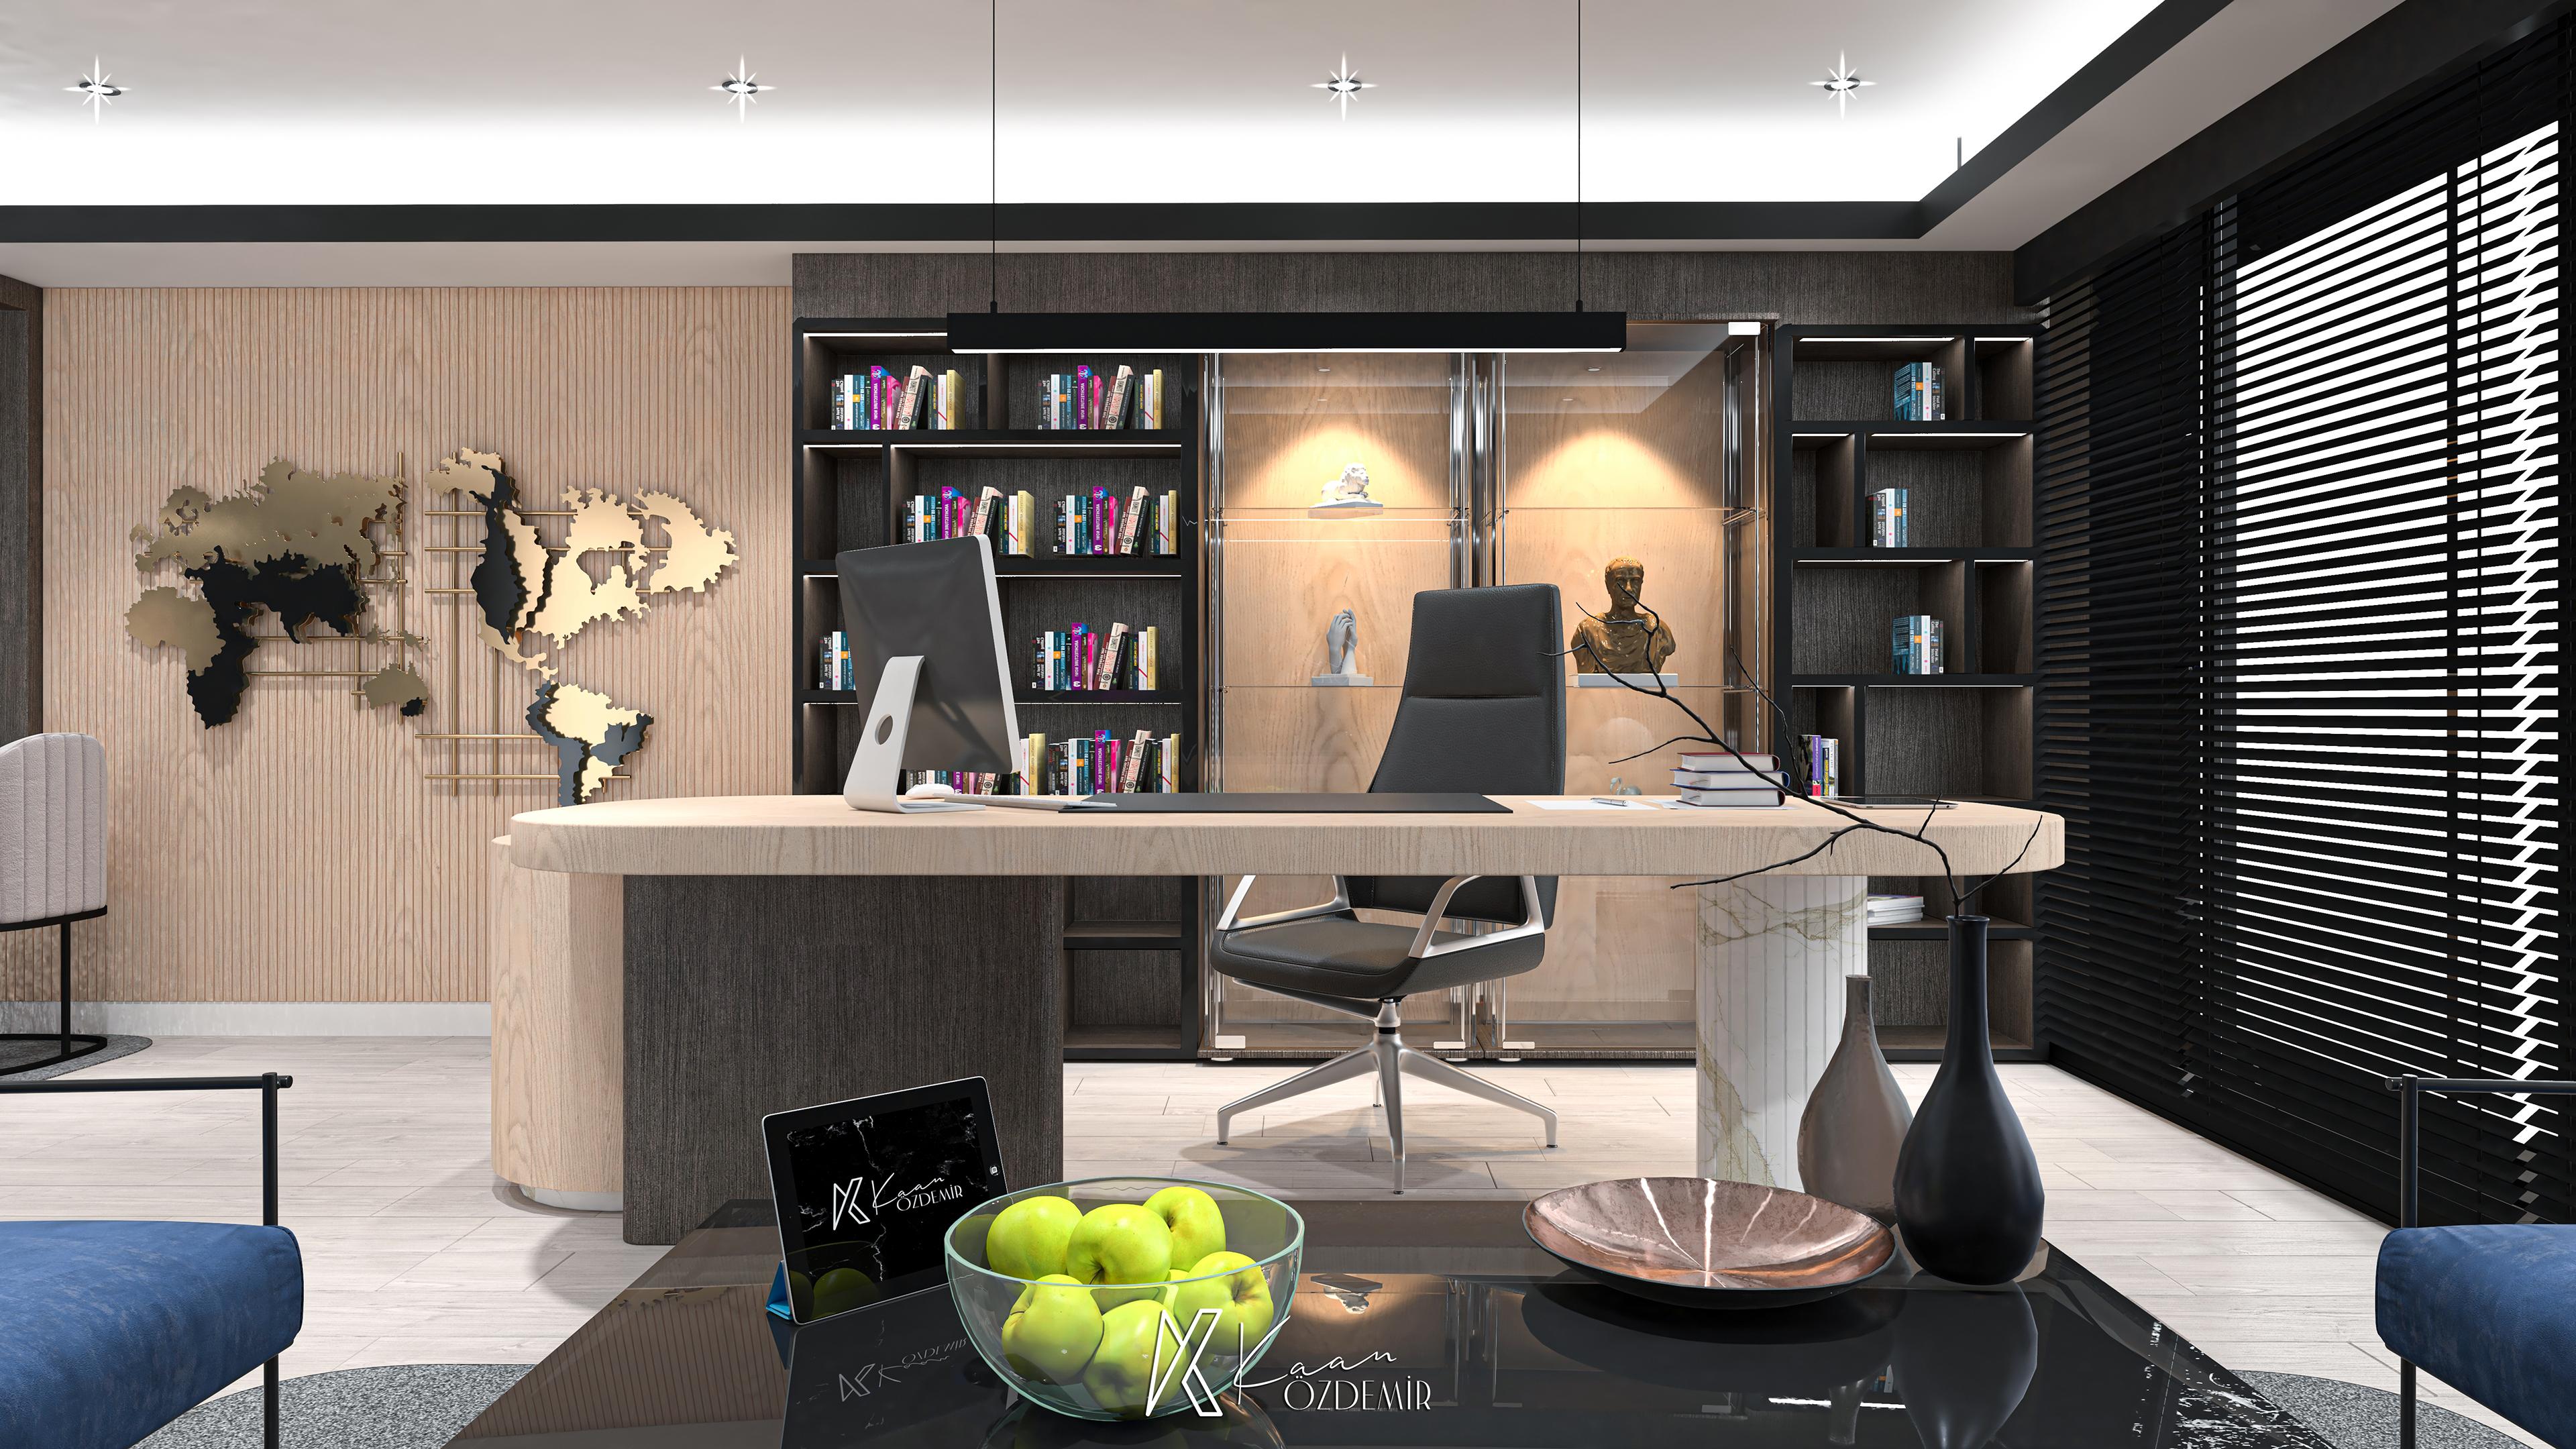 iç mimar, kaan özdemir, furniture,ankara dekorasyon , 3 boyutlu tasarım , dizayn , dekorasyon , ev yenileme , evtasarımı , çocuk odası, children room , salon,iç mimar , dekorasyon , salon tasarımı , mutfak tasarımı , ev dekorasyonu , ev dizaynı , galeri , oto galeri , otomotiv , galeri tasarımı , araba showroomu , kafe tasarımı , boston donuts , boston donut tasarımı , donut , donuts  , erkek kuaförü , bakım merkezi , güzellik salonu tasarımı , erkek bakım , kuaför tasarımı , country salon tasarımı , duvar çıtaları , holl tasarımı , dresuar tasarımı , ev dekorasyon , kids room , bedroom desing , bedroom , yatak odası , evebeyn odası , loft yatak , officfe desing , ofis tasarımı , work station , çalışma grupları , ofis dizaynı , loft desing , modern salon , minotti sofa , minotti , modern koltuk , modern sofa , lüks salon tasarımı , giyim mağazası , giyim firmasi dizaynı , loft dizayn , mermer tasarım , vitrin tasarımı , showroom , yatak odası tasarımı , likit şömine , şömineli tv ünitesi , kış bahçesi tasarımı , balkon tasarımı , ofis tasarımı , makam odası tasarımı , makam tasarım , toplantı alanı tasarımı